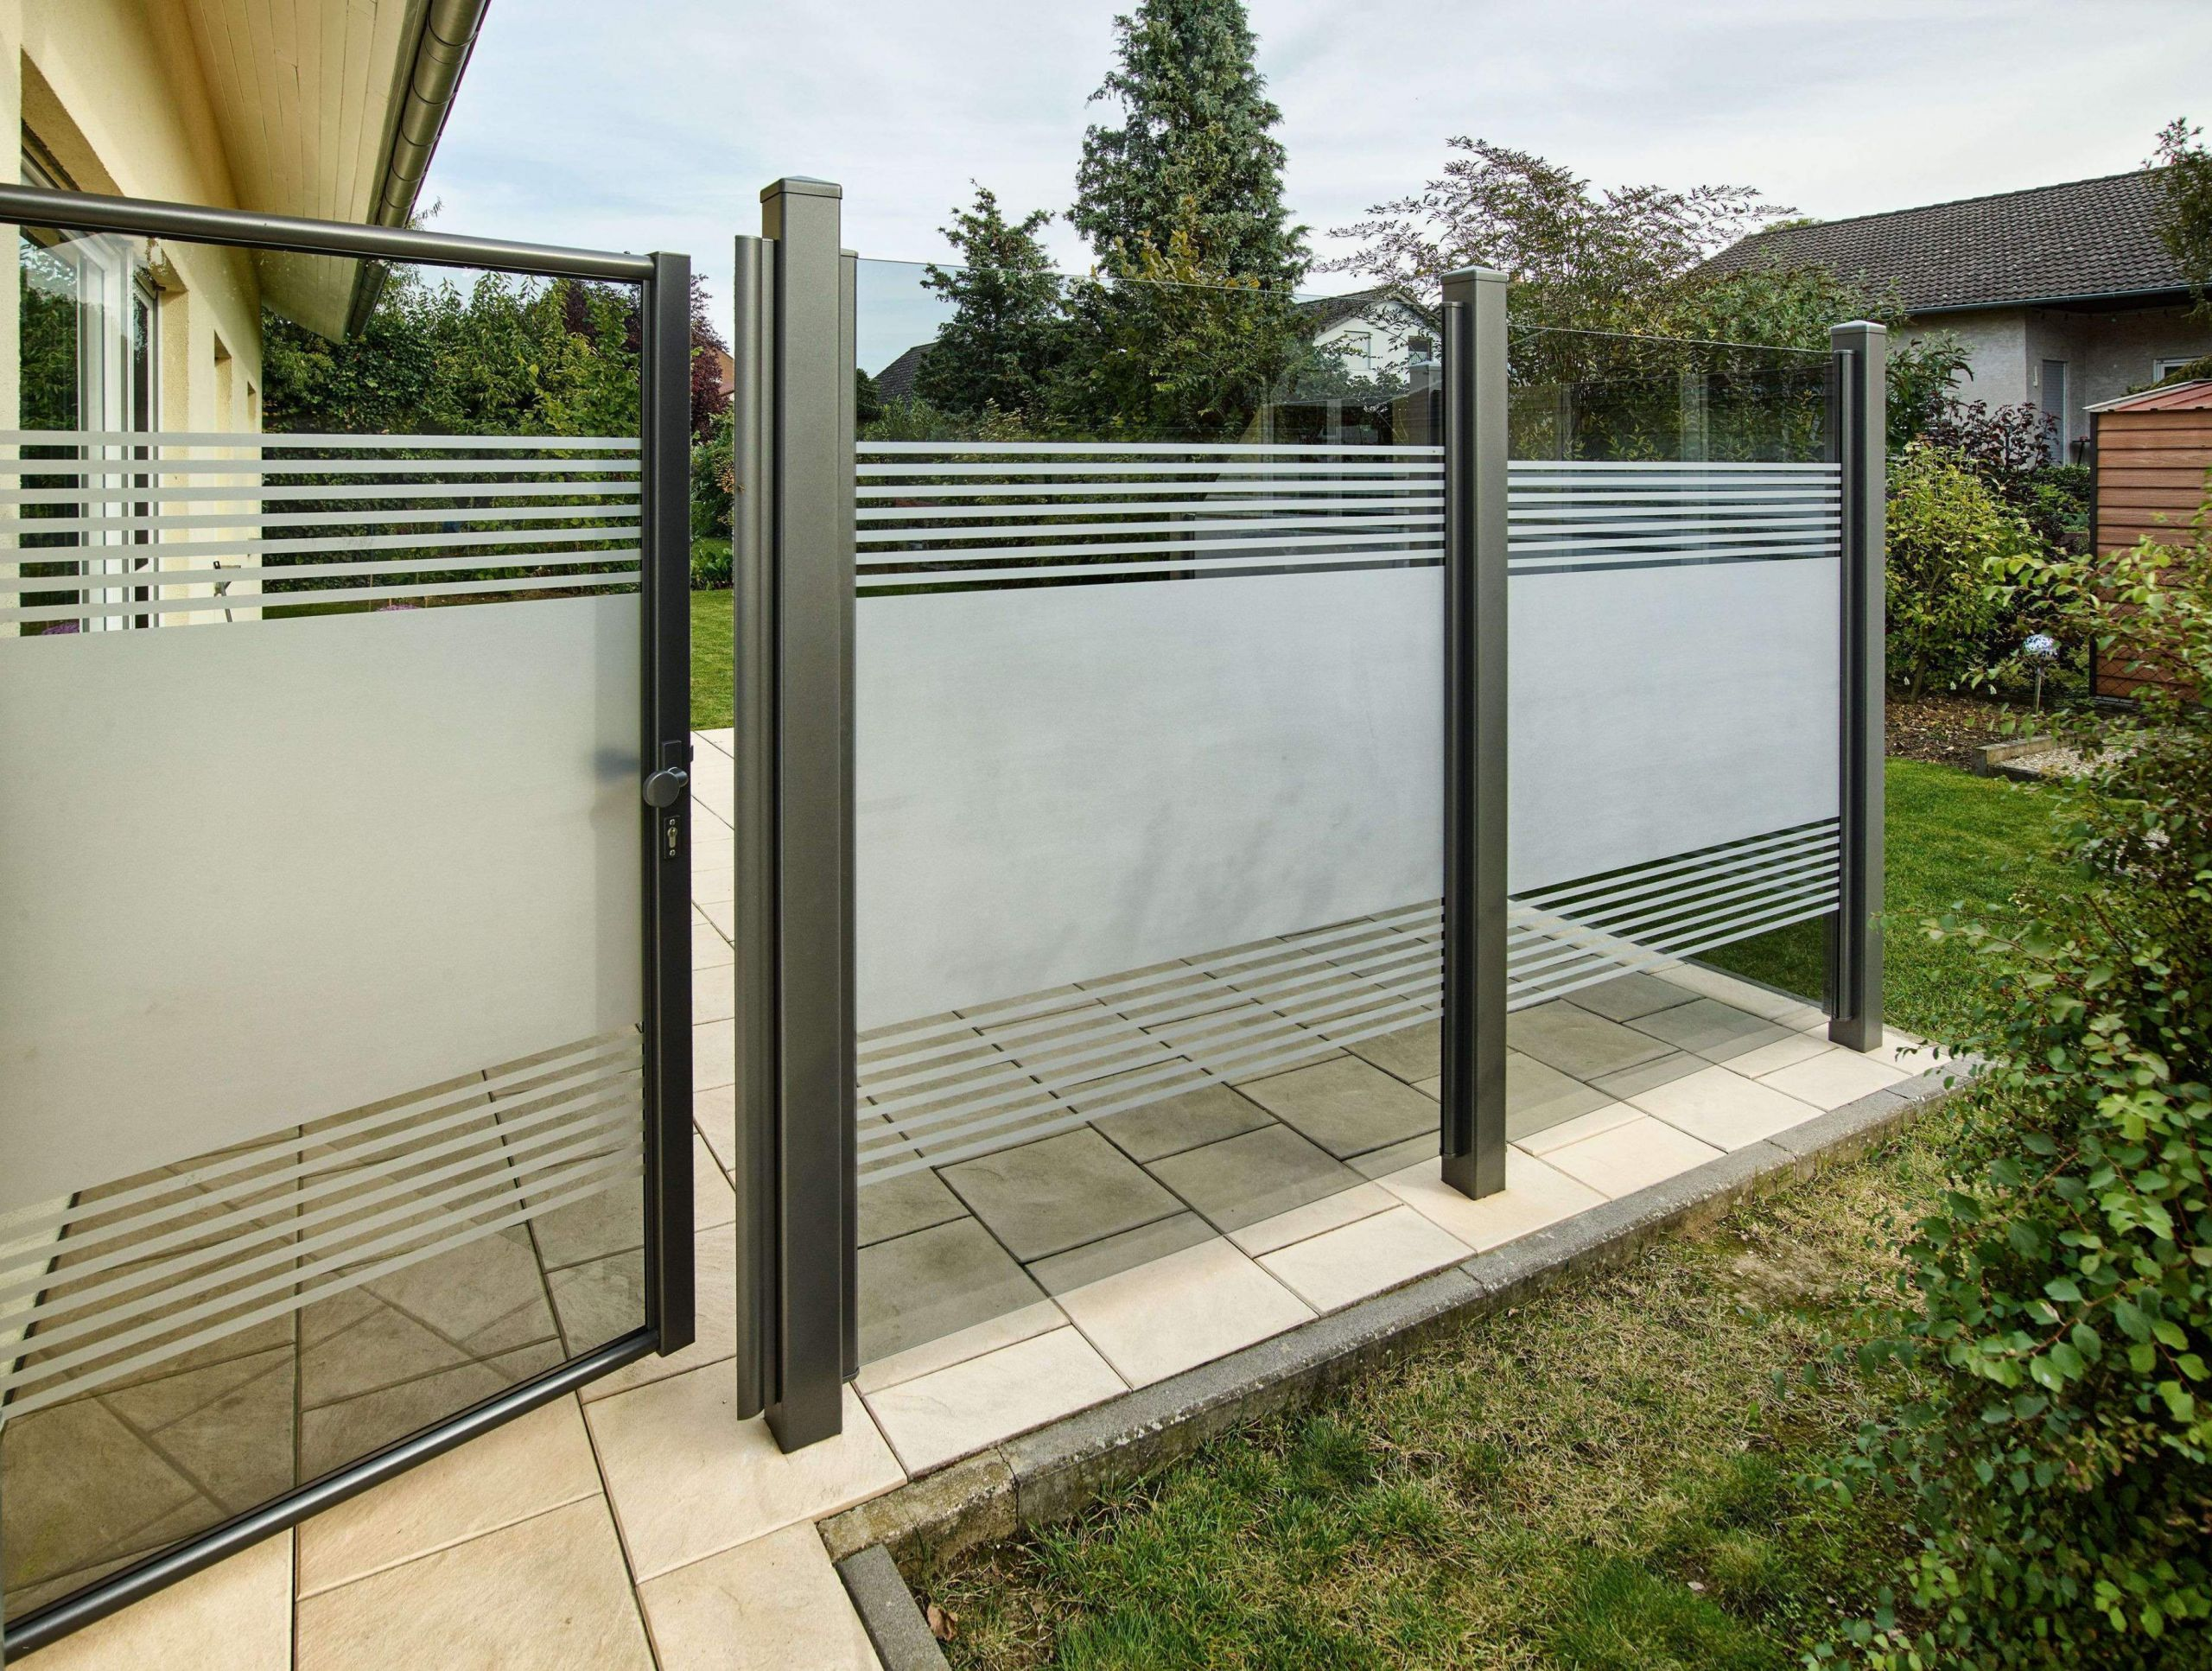 35 frisch balkon sichtschutz grun foto gruner sichtschutz im garten gruner sichtschutz im garten